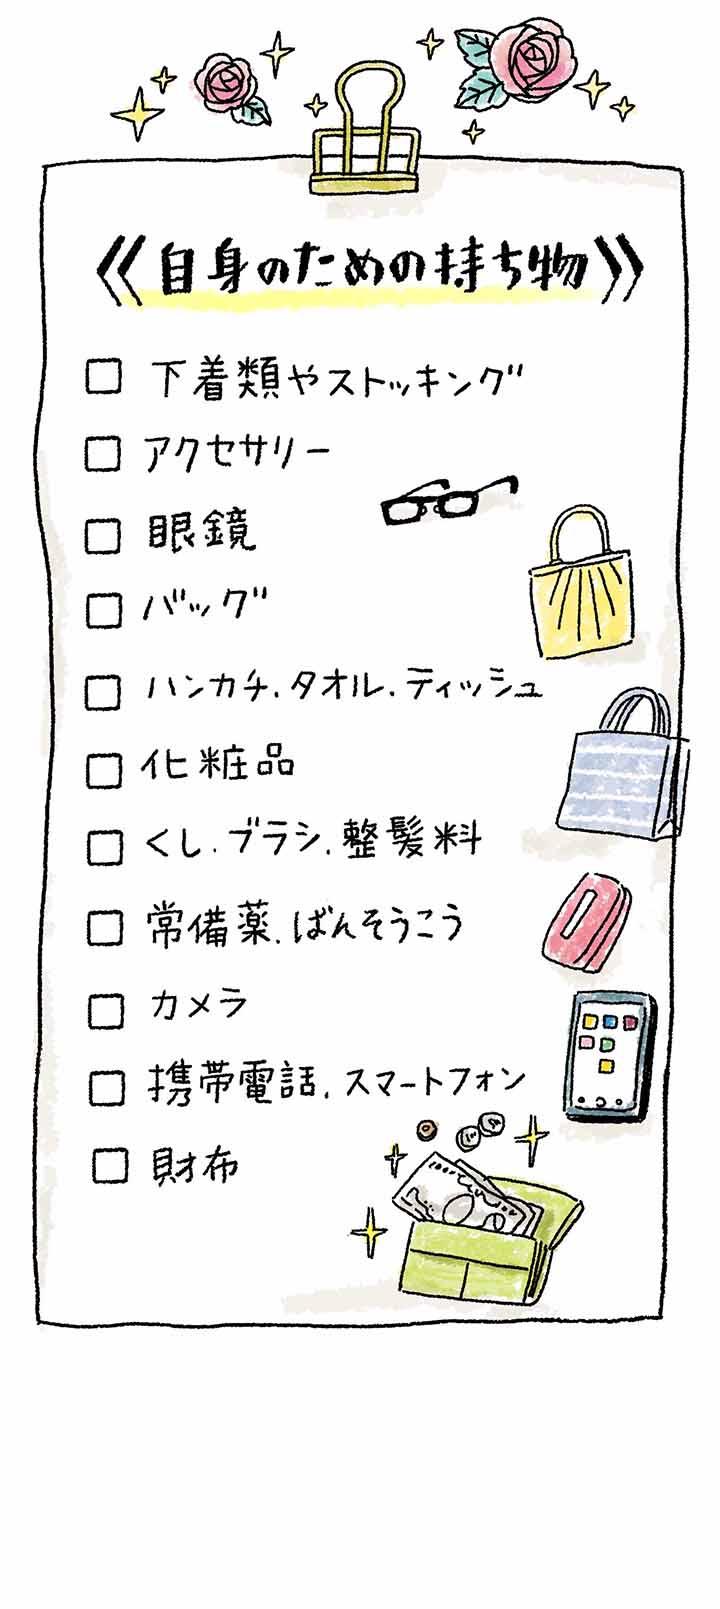 持ち物リスト2